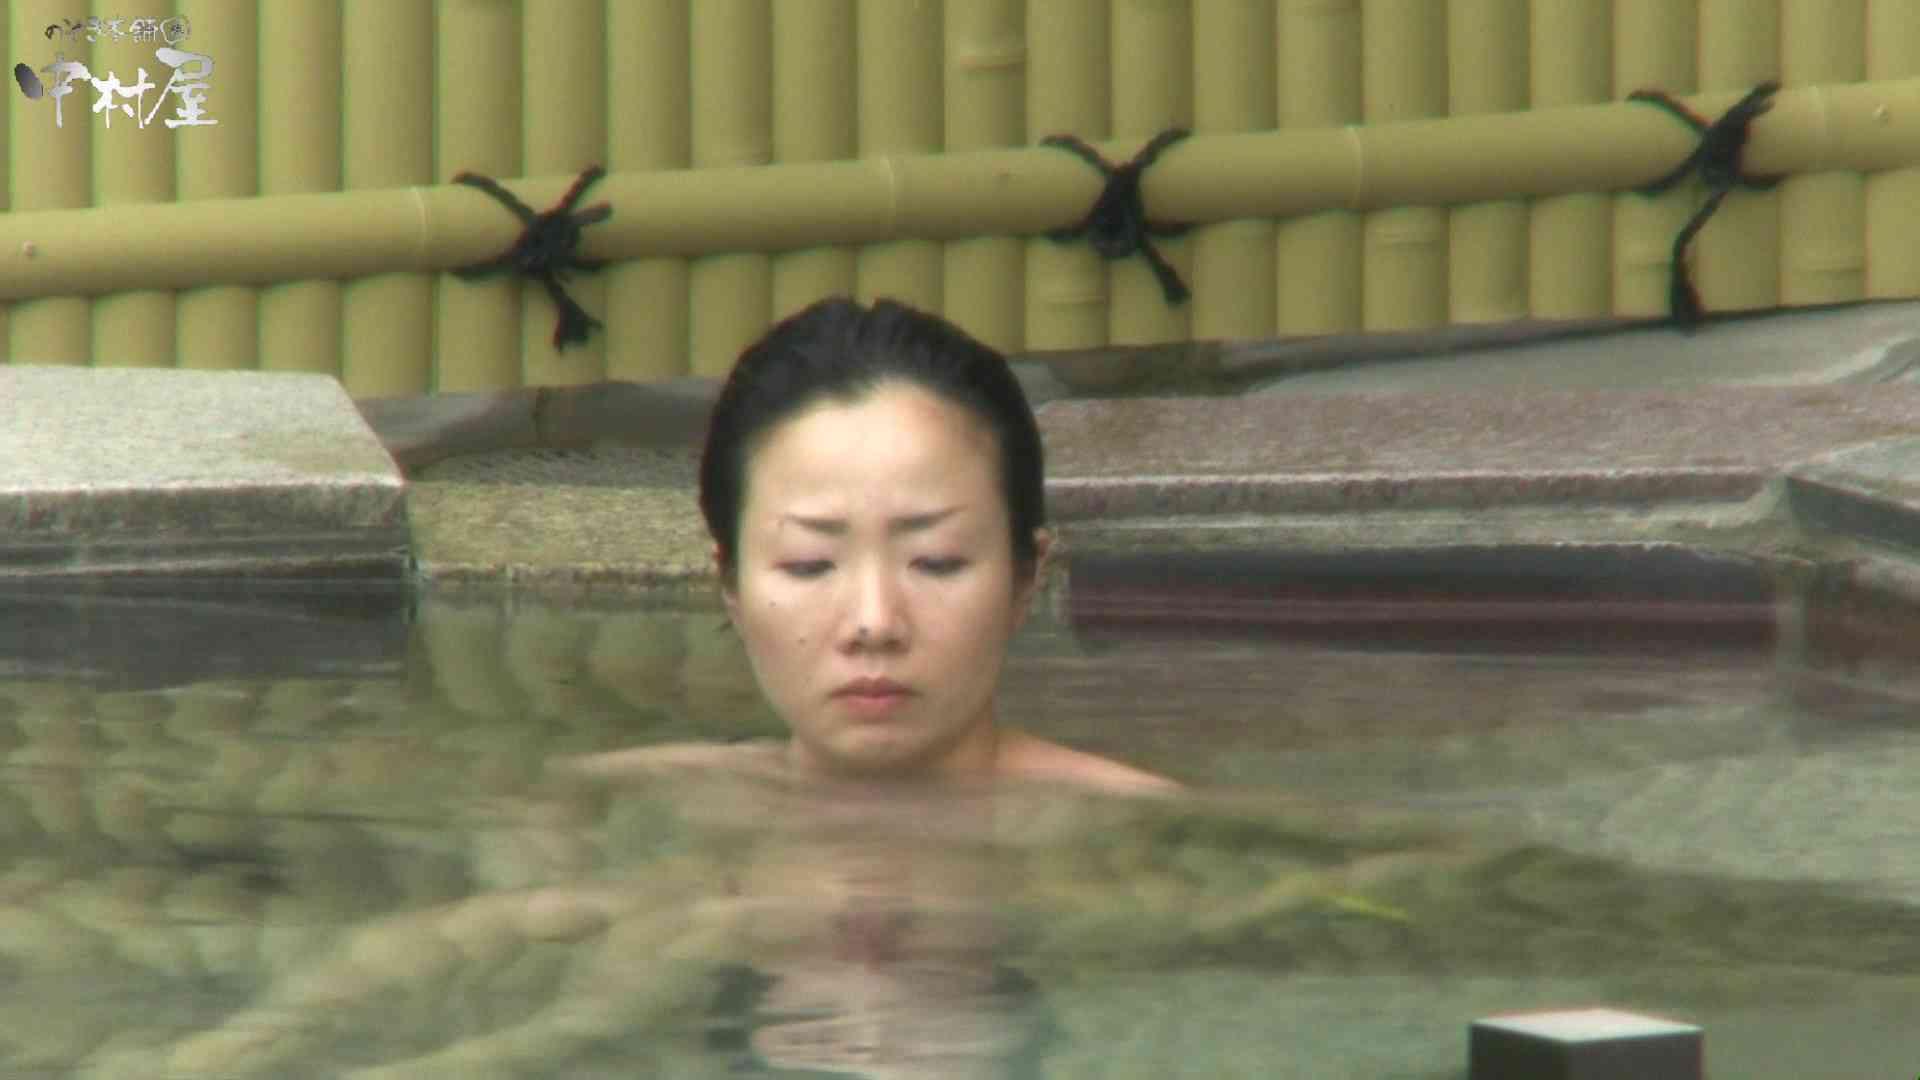 Aquaな露天風呂Vol.950 盗撮シリーズ  80PIX 26